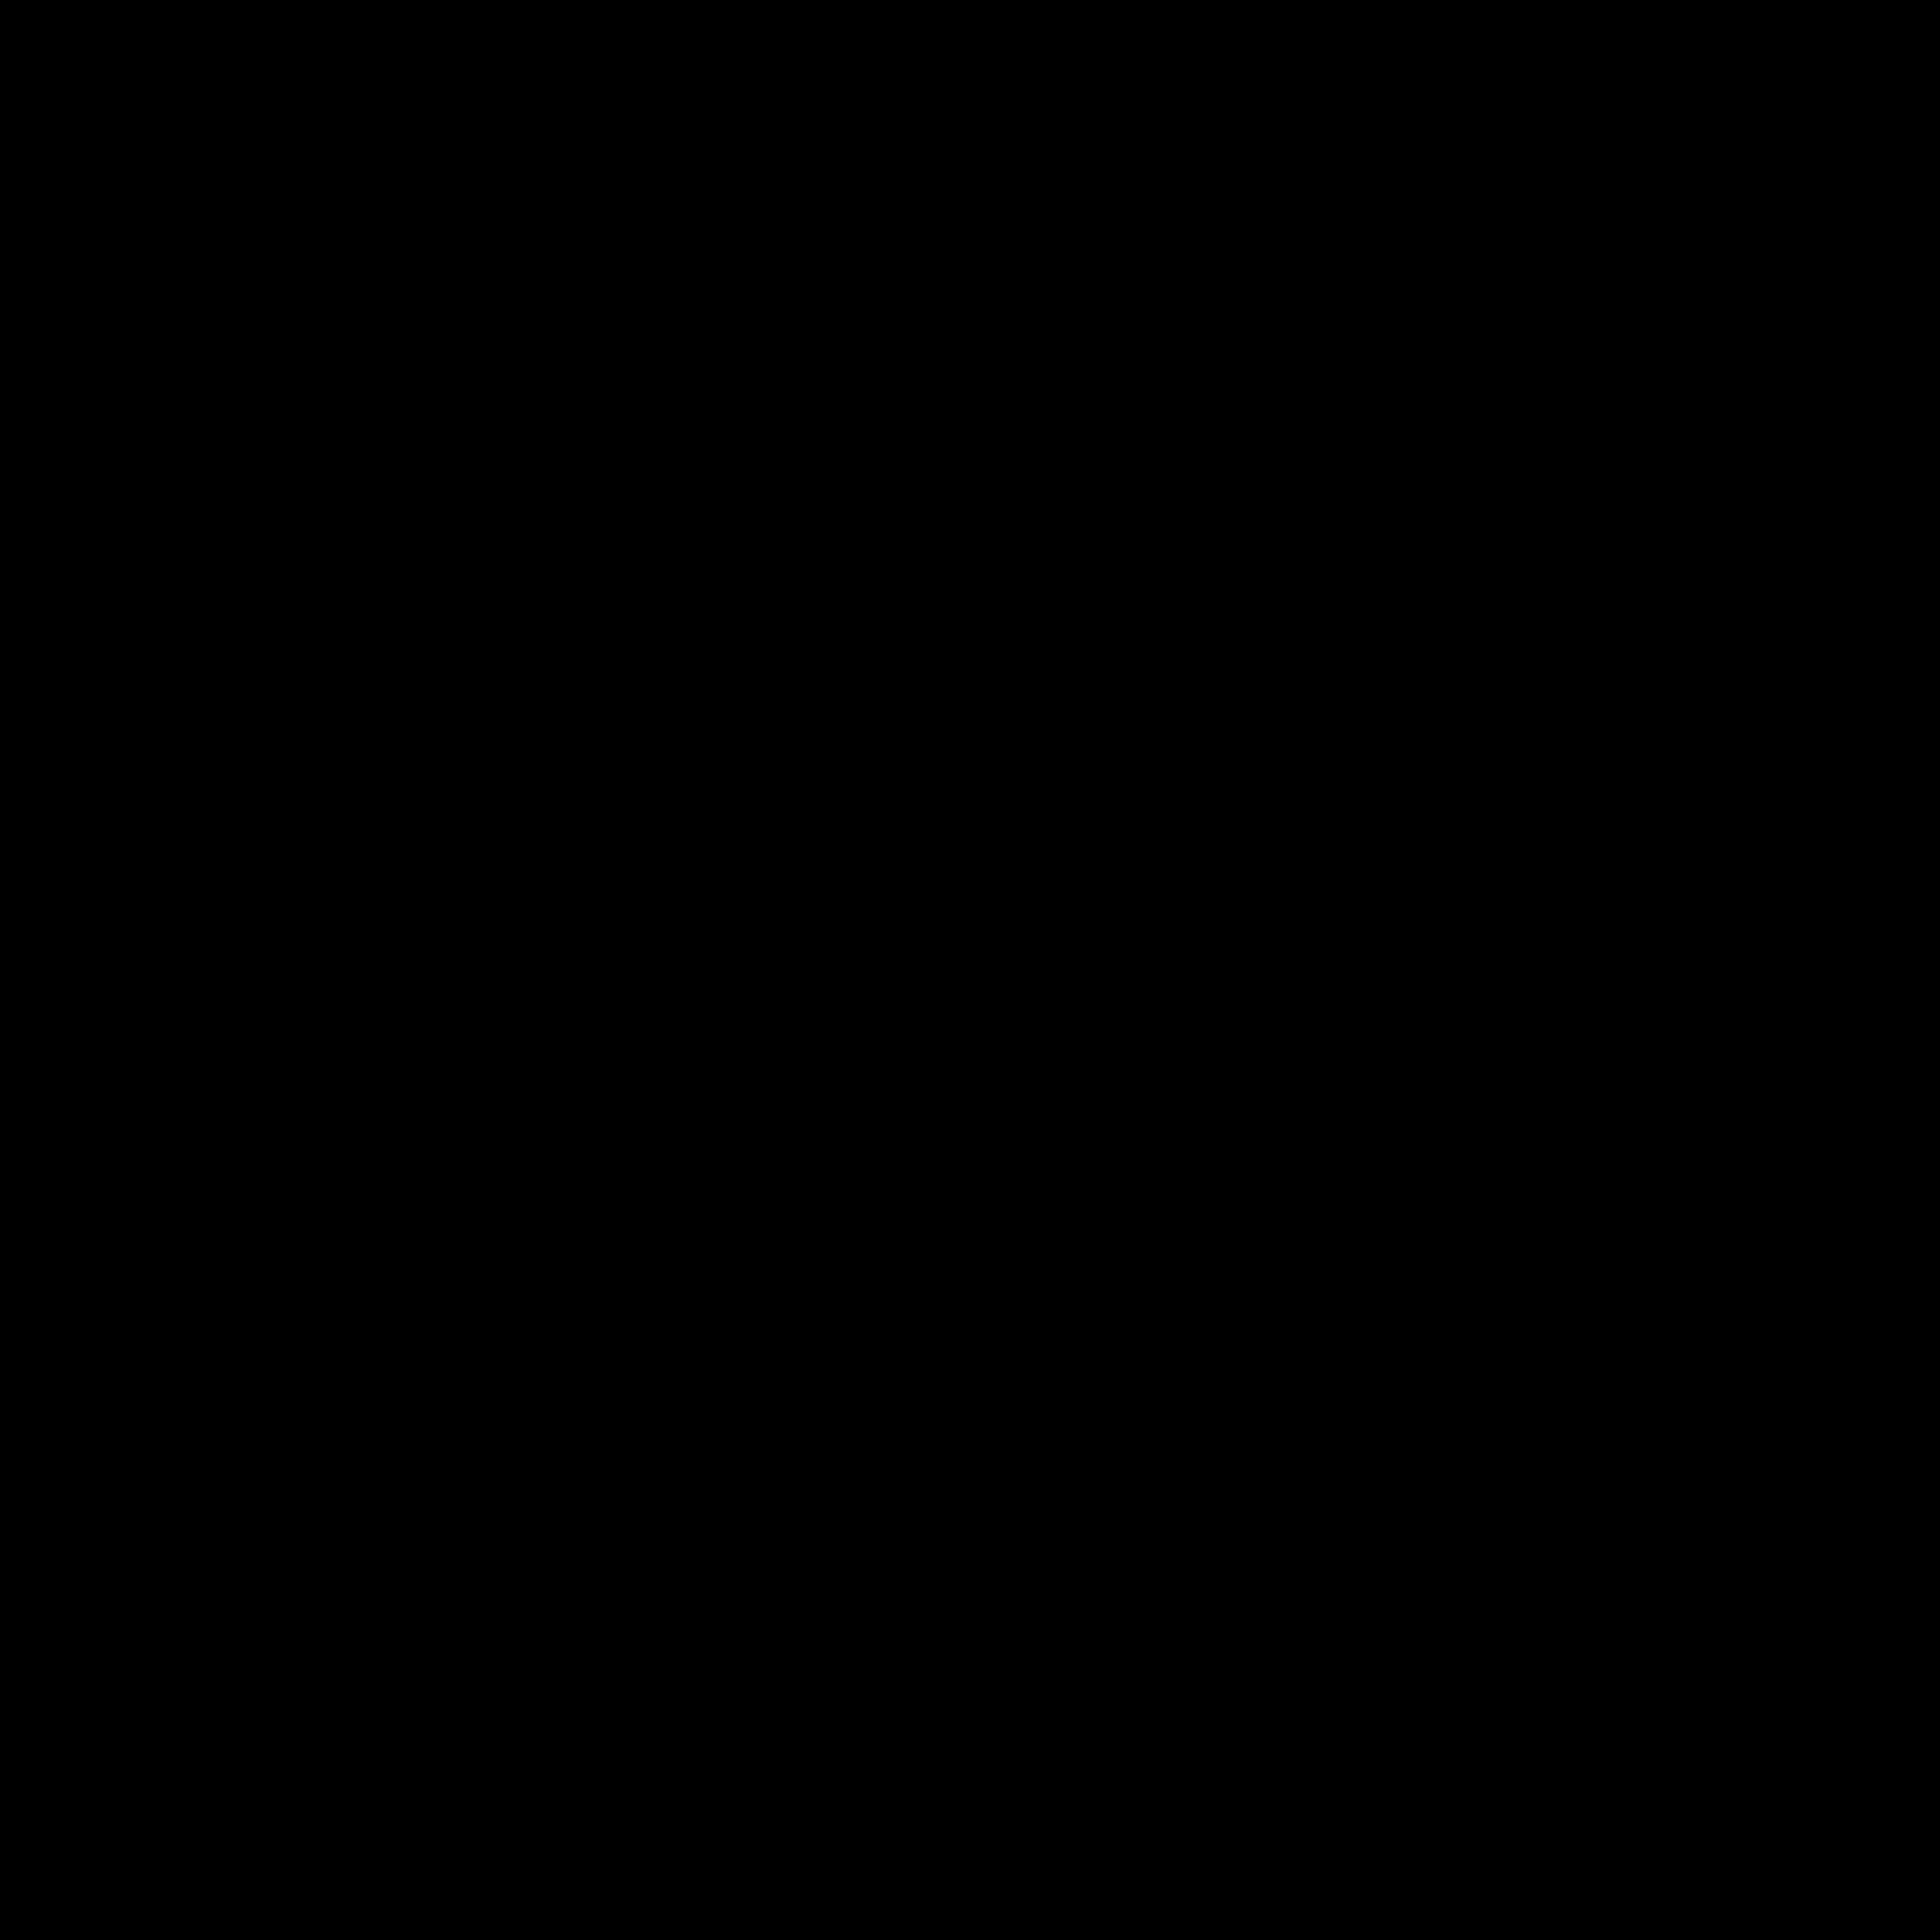 Откуда овощи и фрукты на наших прилавках Мастерок жж рф Кликабельно 9000 рх